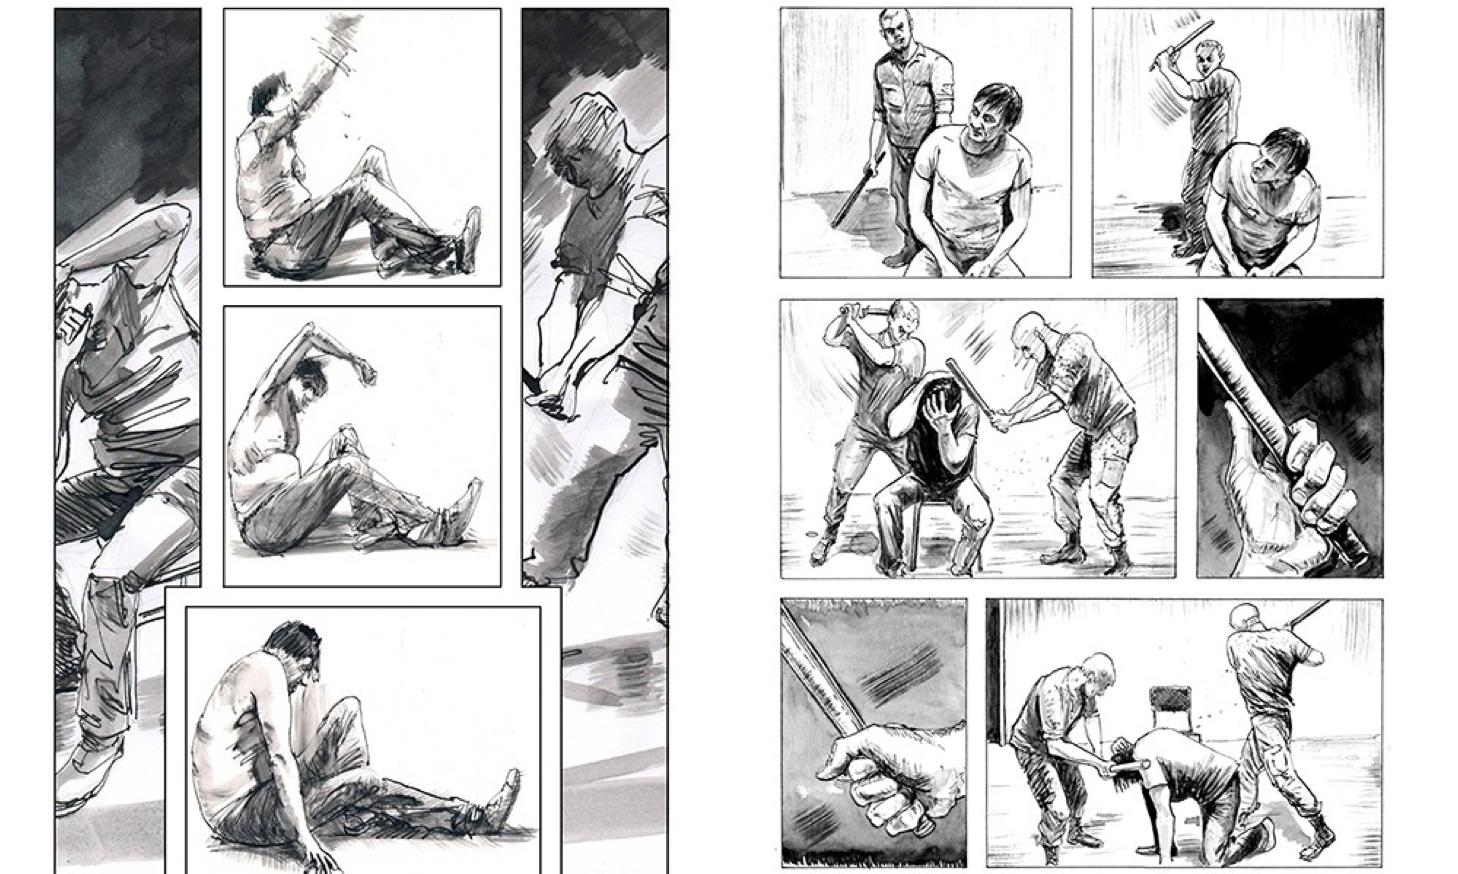 Трансформація конфліктів за допомогою візуального мистецтва